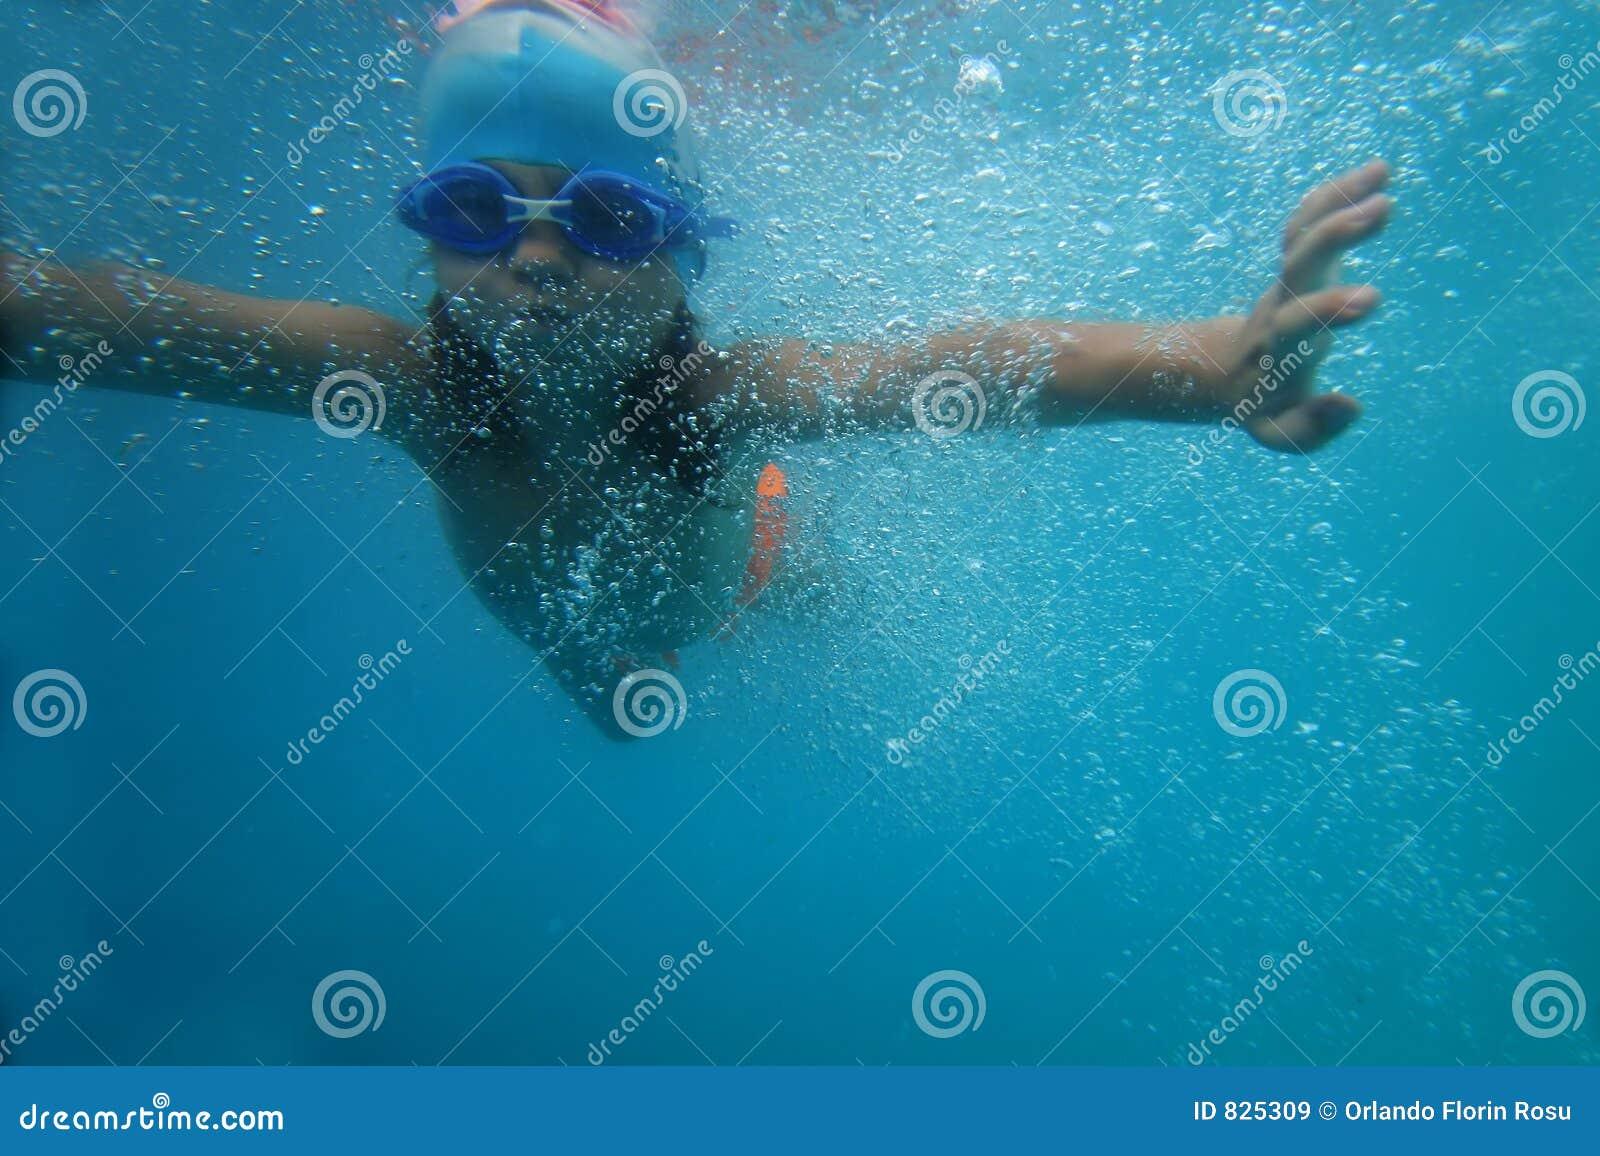 Underwater17